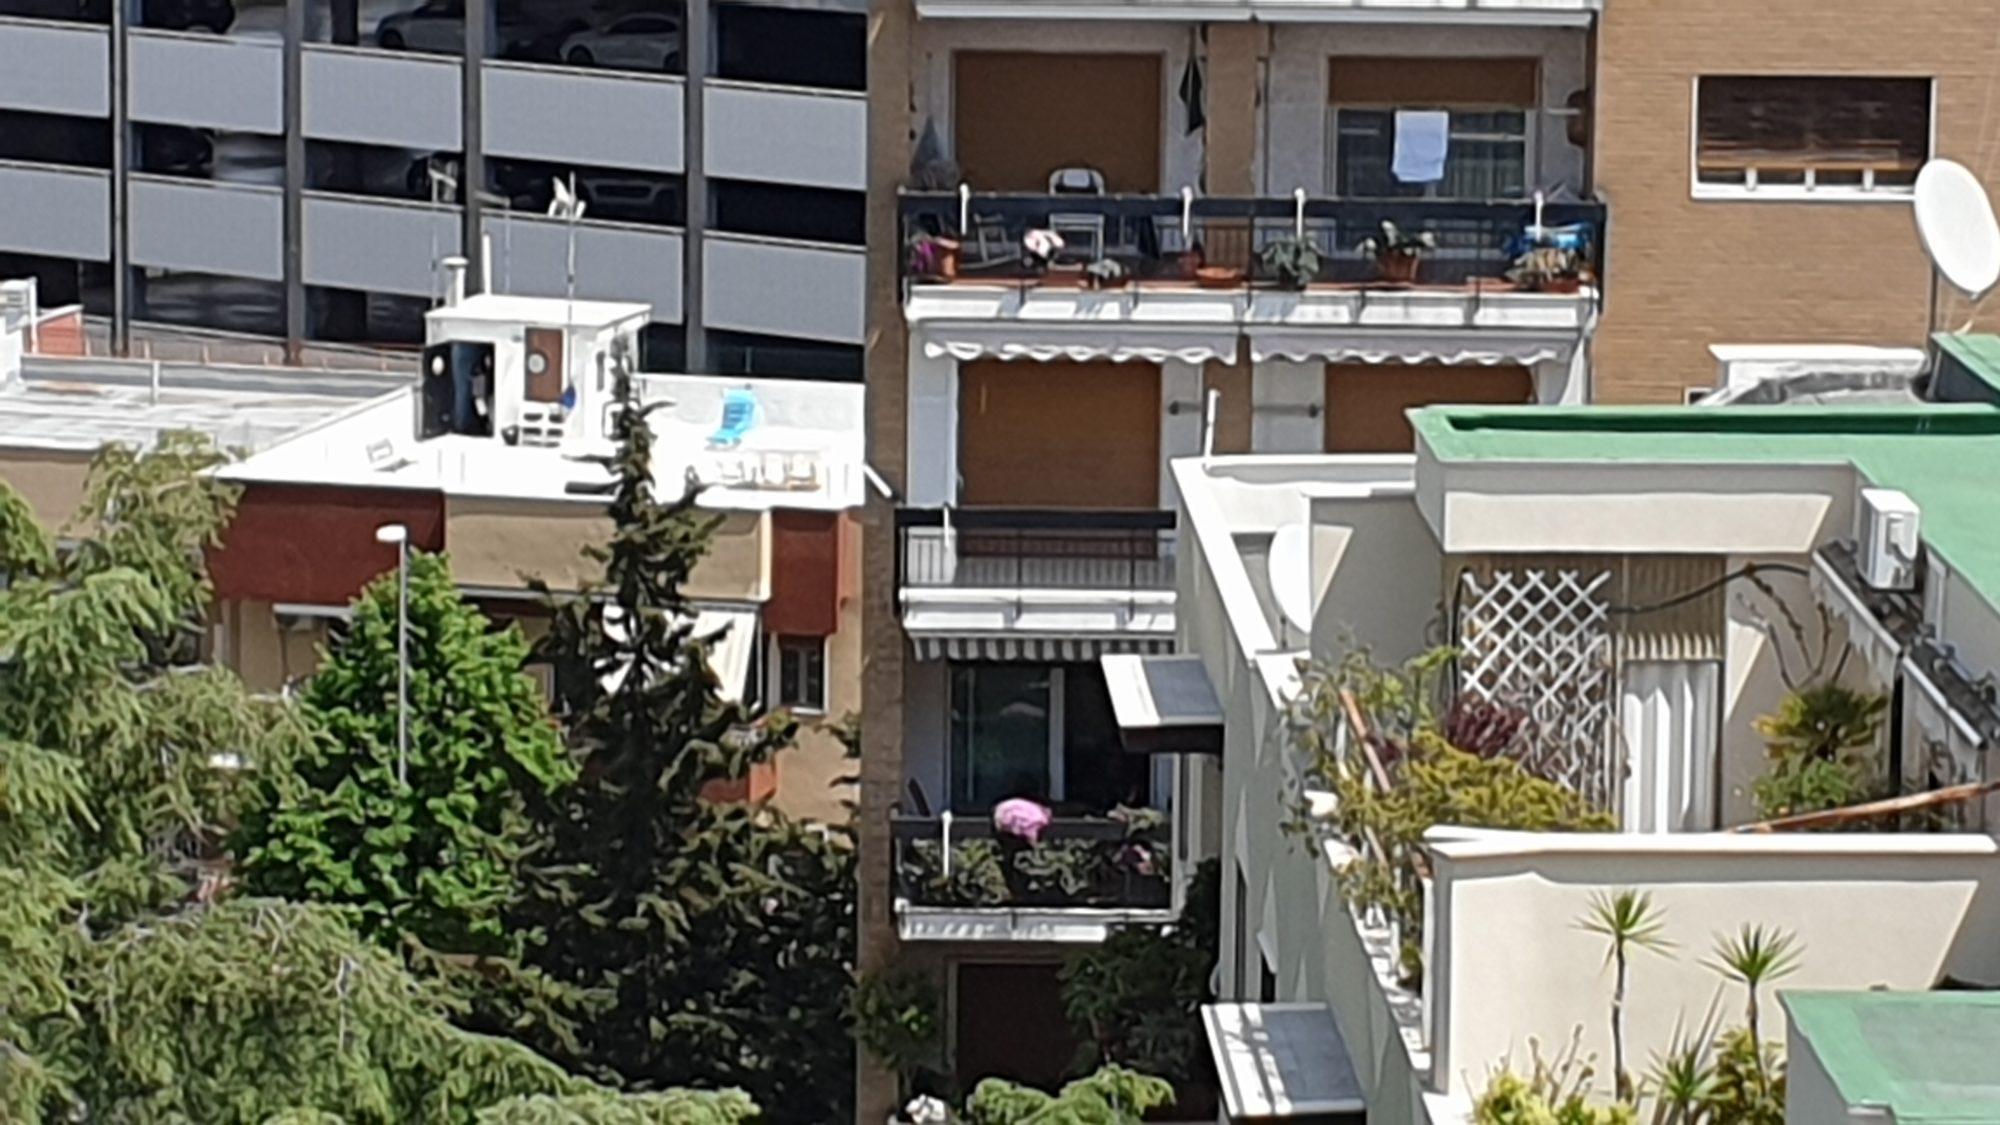 Le terrazze come salita al cielo. Come nuova realtà quotidiana. Come possibile libertà Dopo sessanta giorni, Silvana Küthz arriva alla terrazza del suo condominio